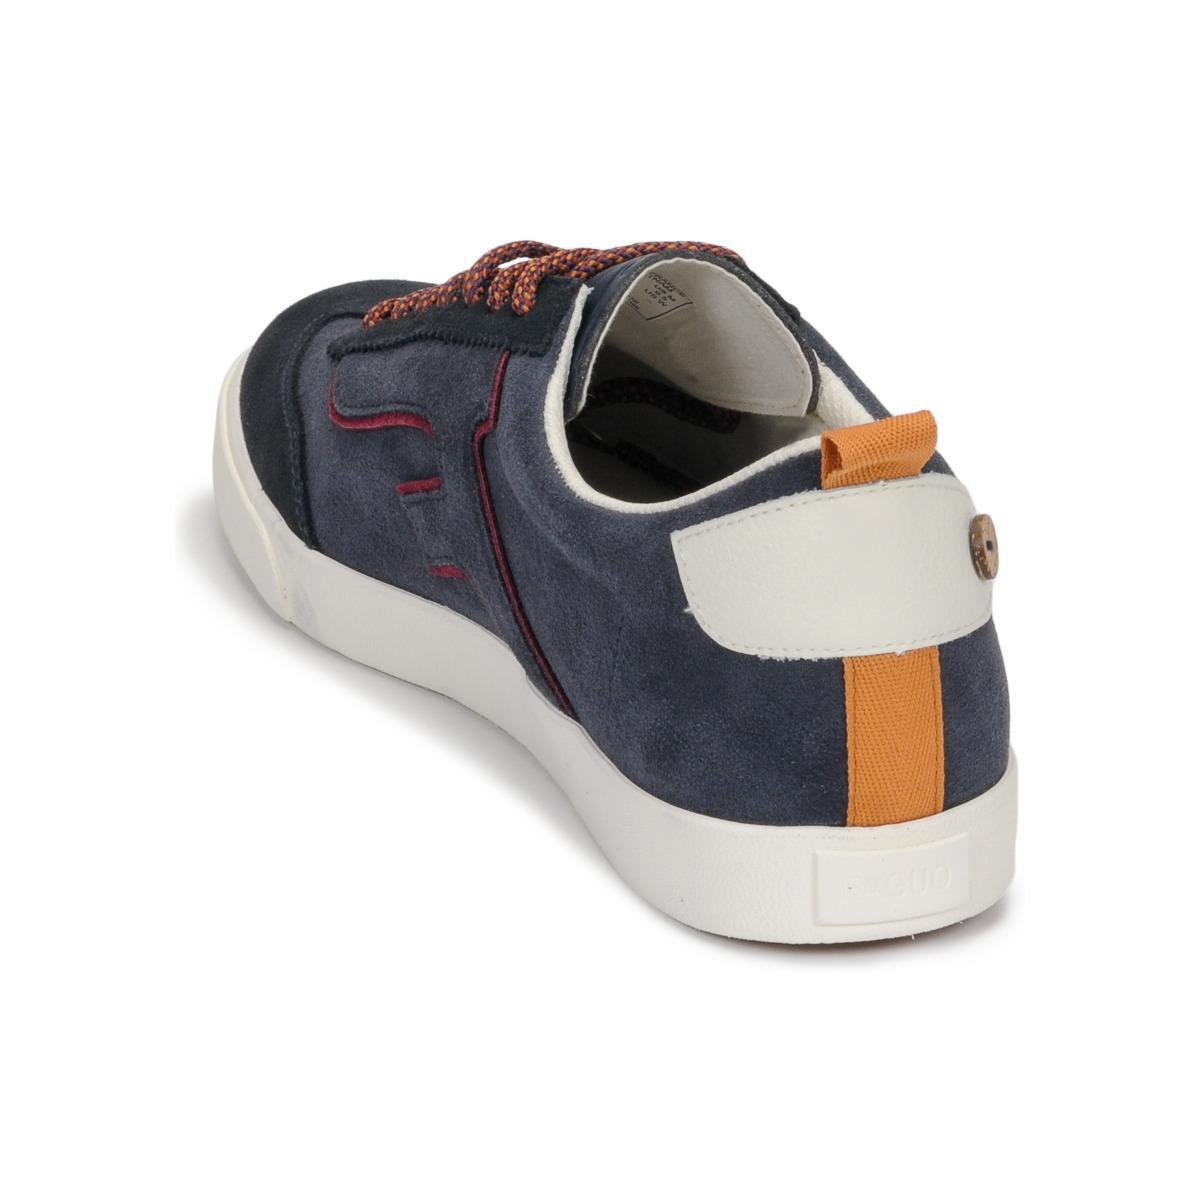 Faguo Lage Sneakers Wellington Suede in het Blauw voor heren